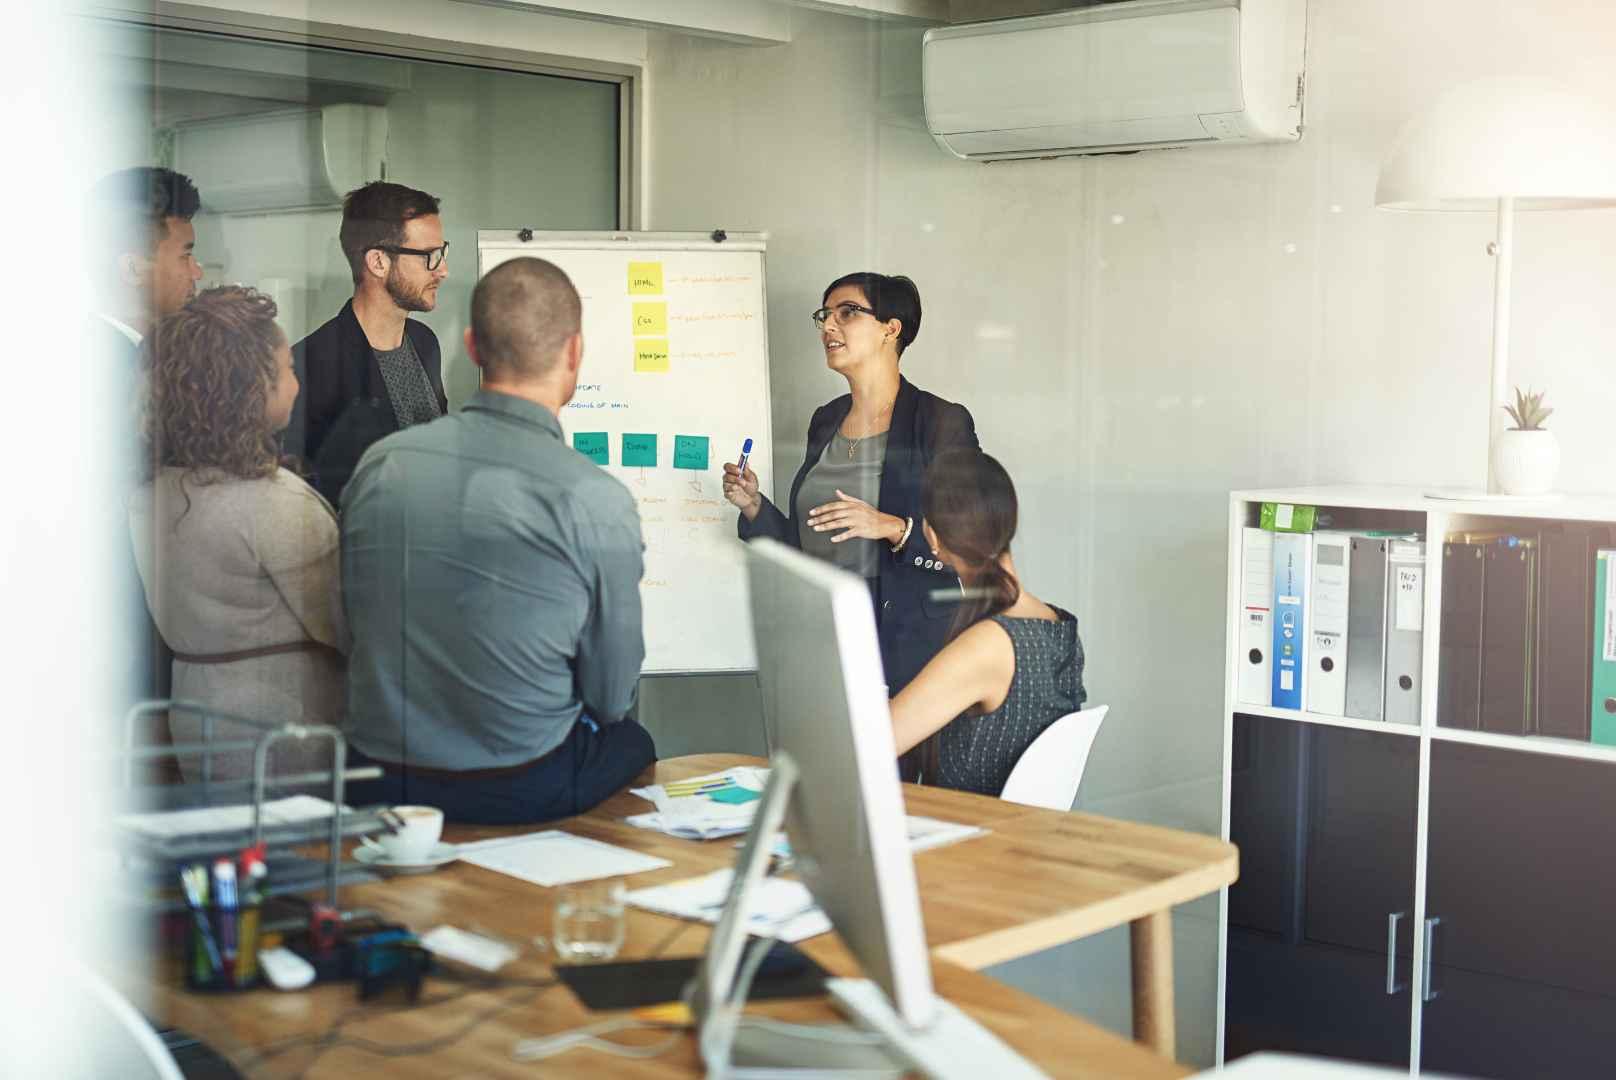 ¿Qué es el workflow y por qué debemos adoptarlo?